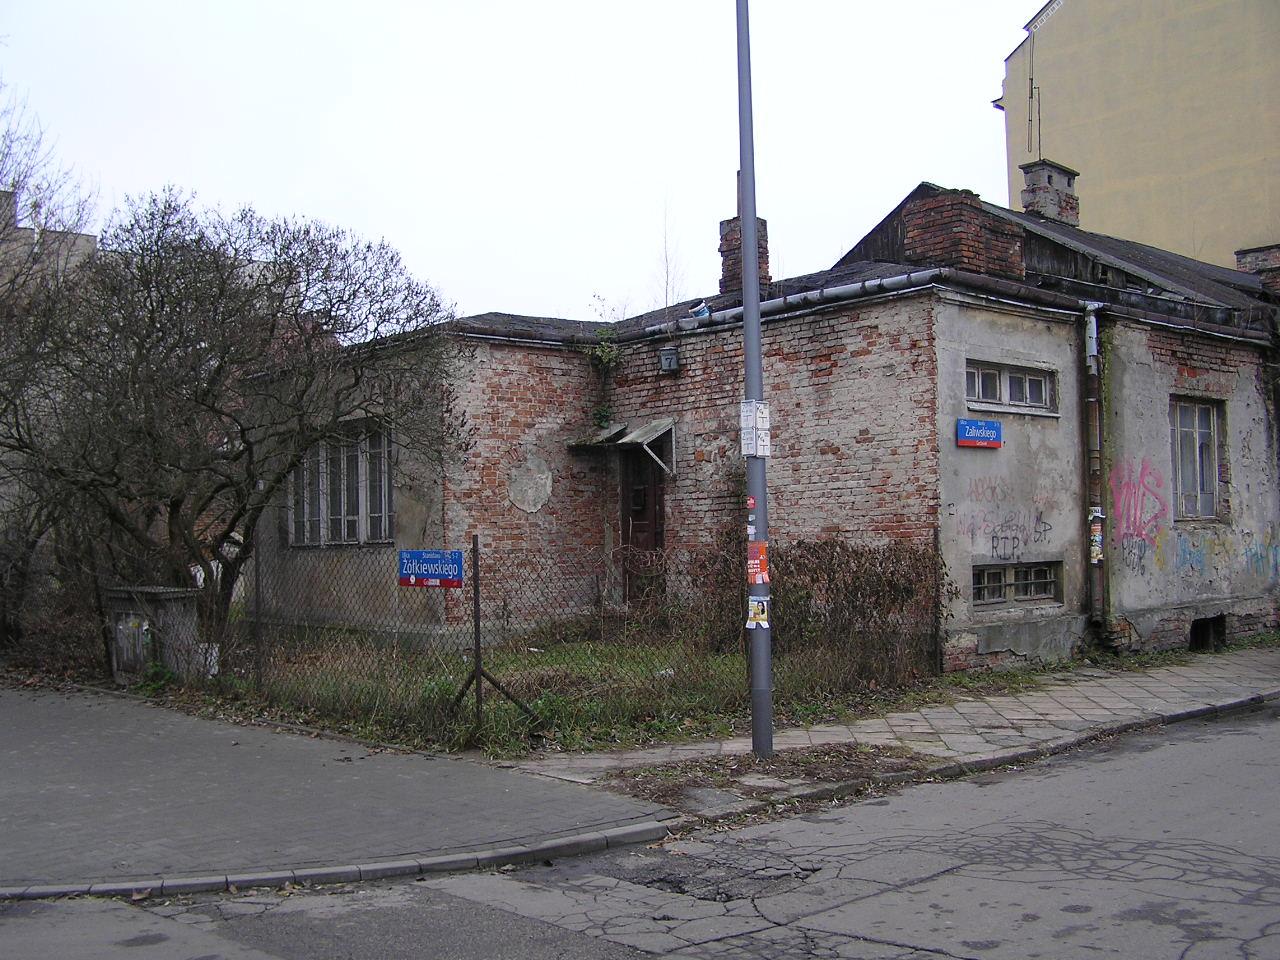 Dom przy ulicy Żółkiewskiego 7 na Grochowie